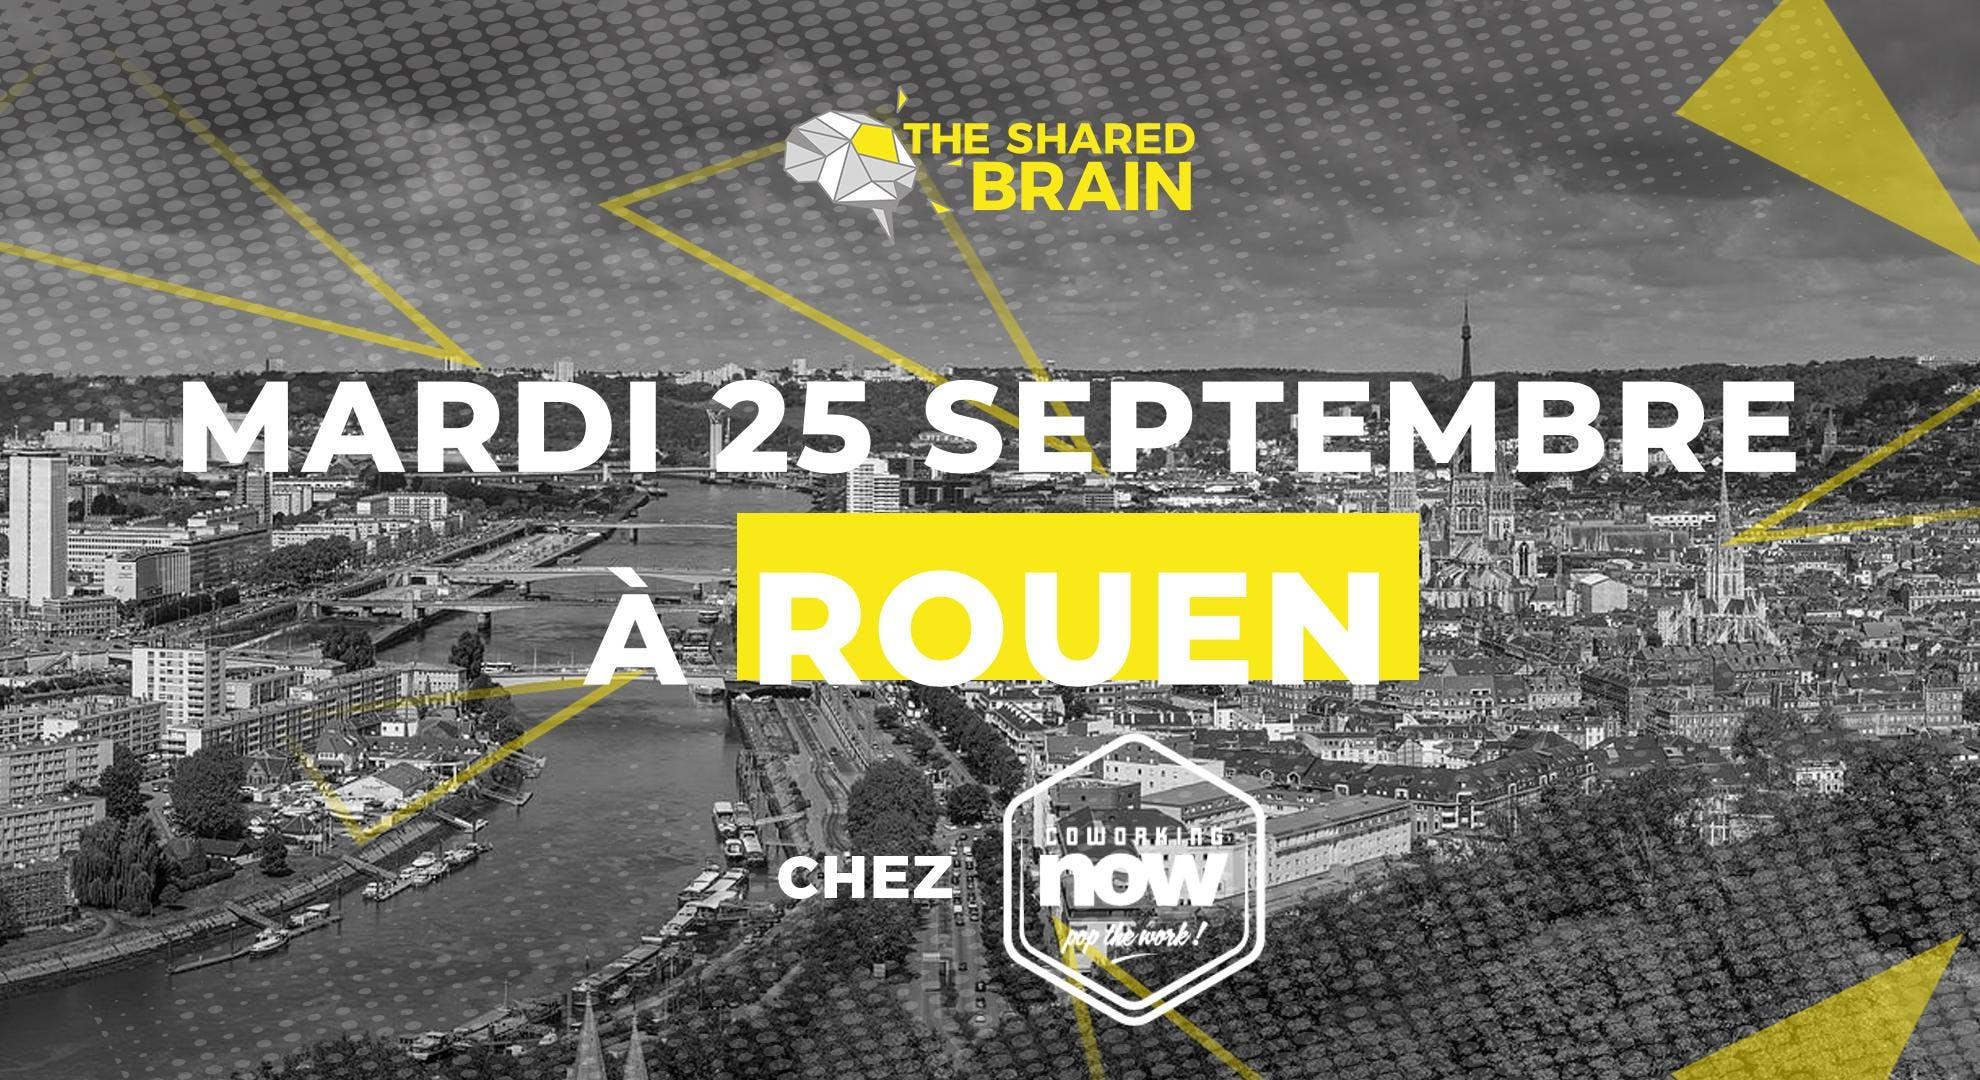 The Shared Brain Rouen - Hackez l'entrepreneu